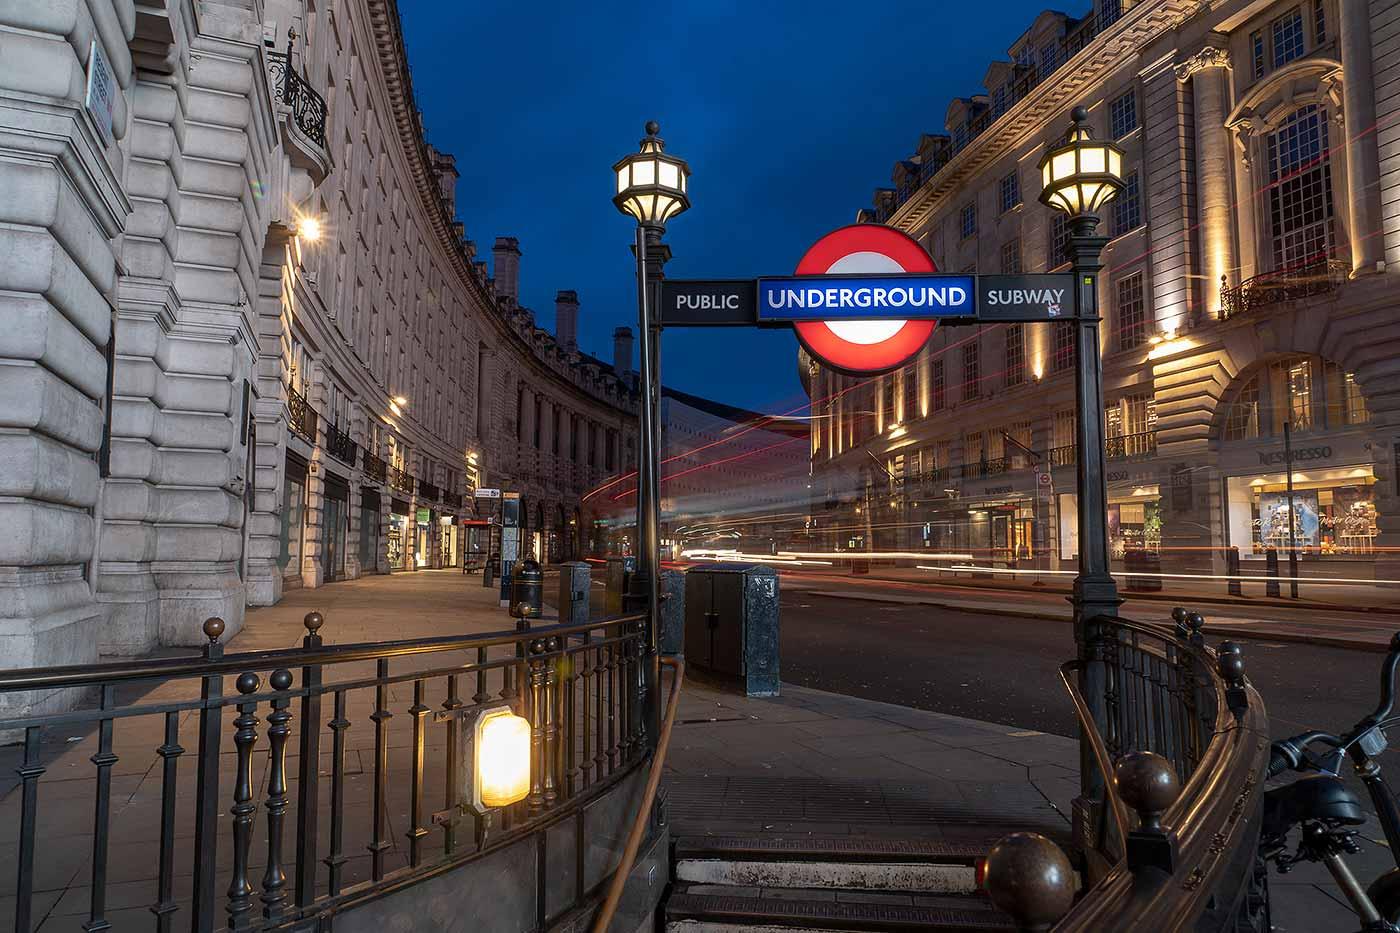 London Underground sign at Regret Street